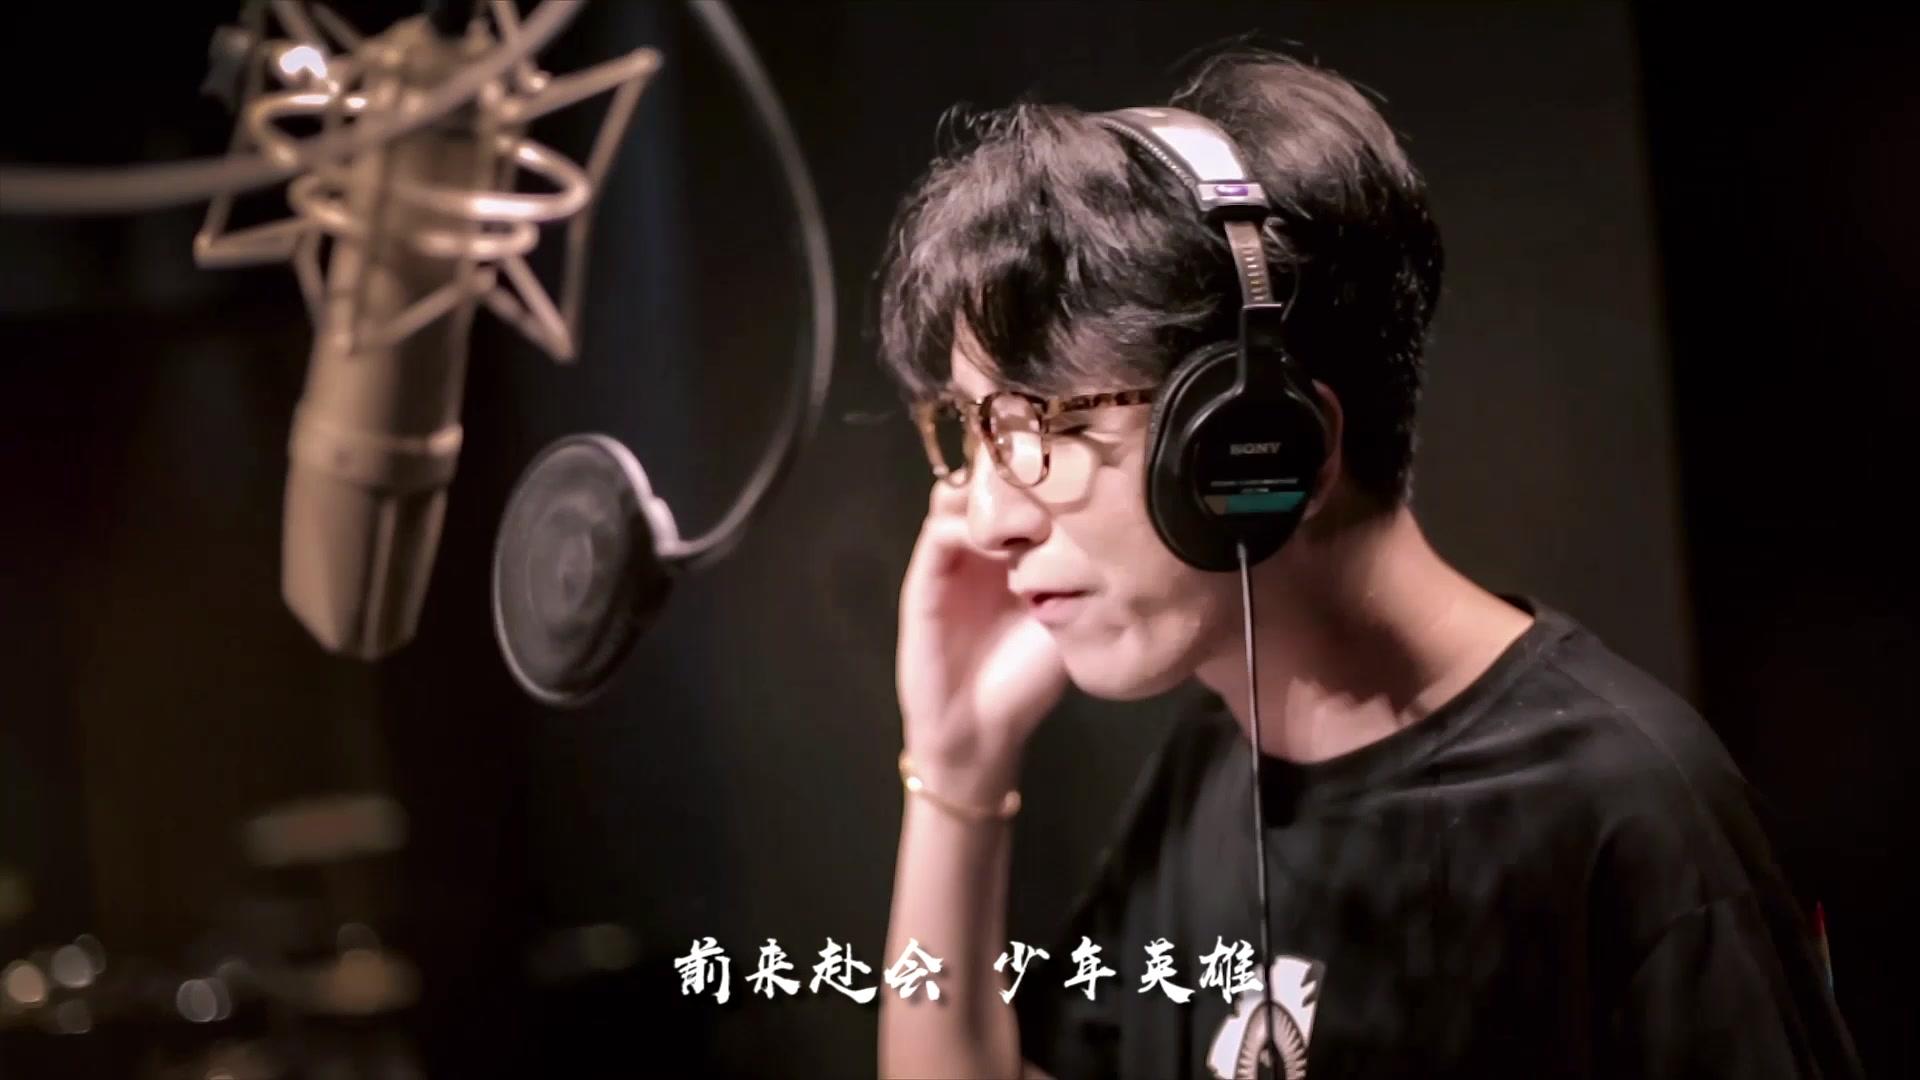 《少年三国志2》宣传曲——少年英雄震撼首发!